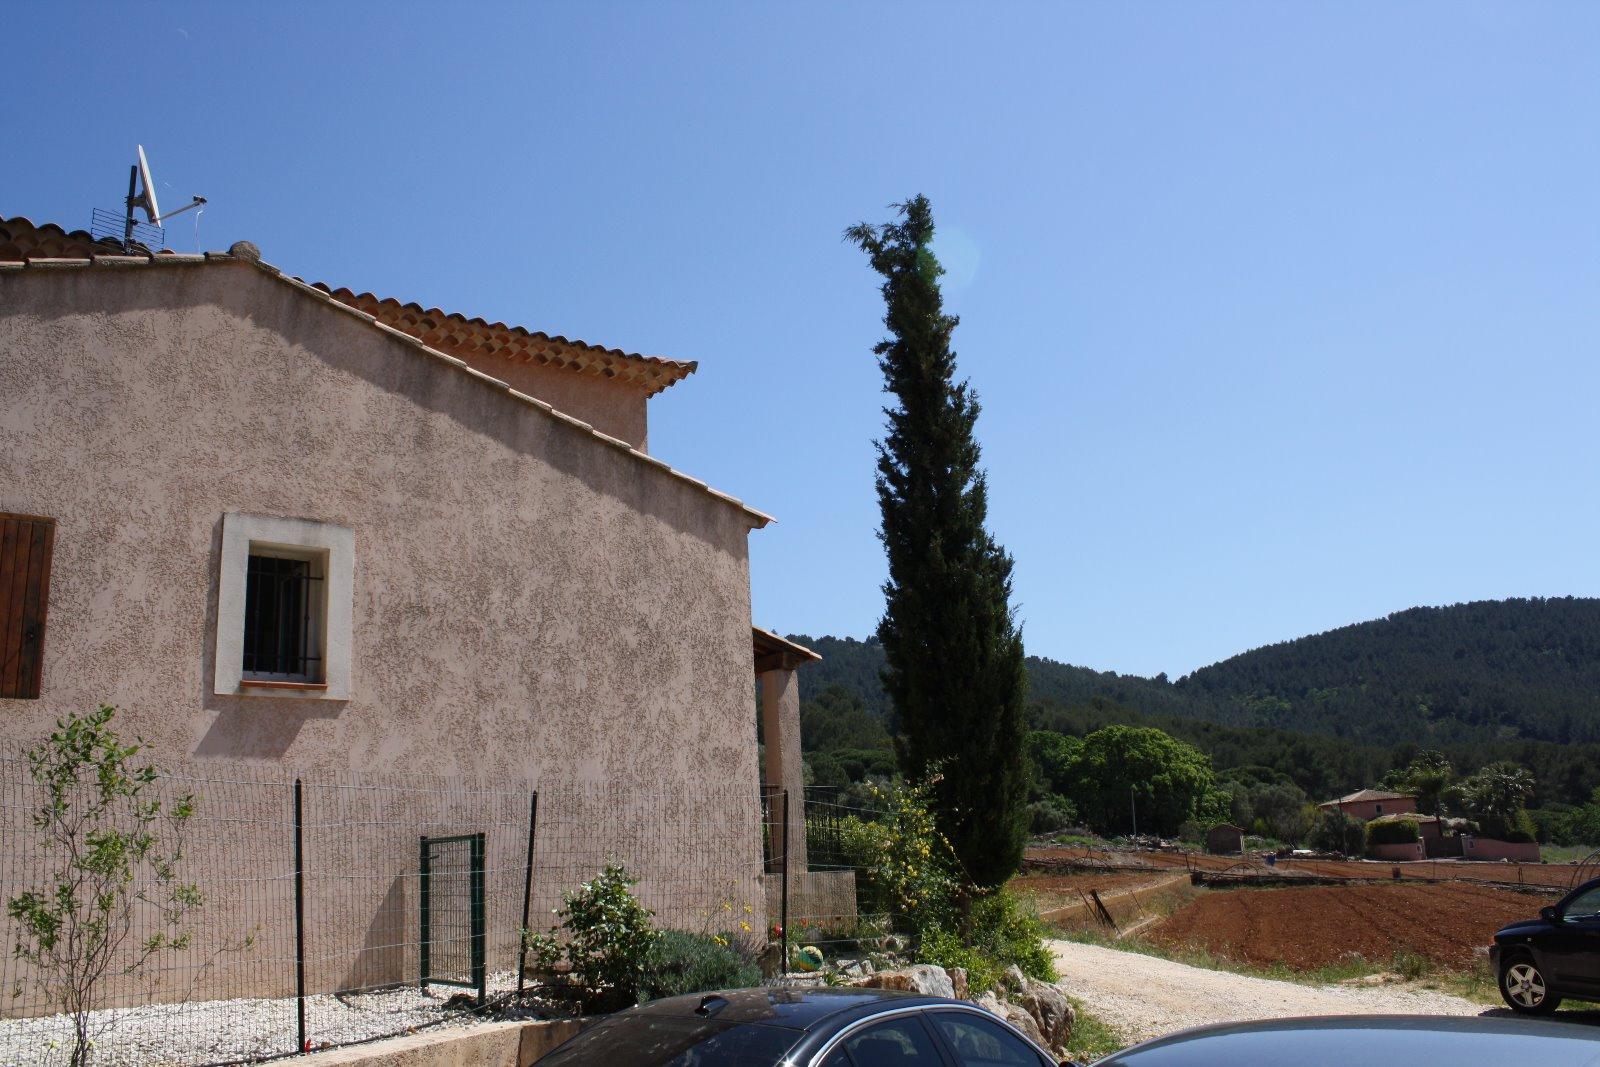 Location de vacances Maison Carqueiranne (83320)